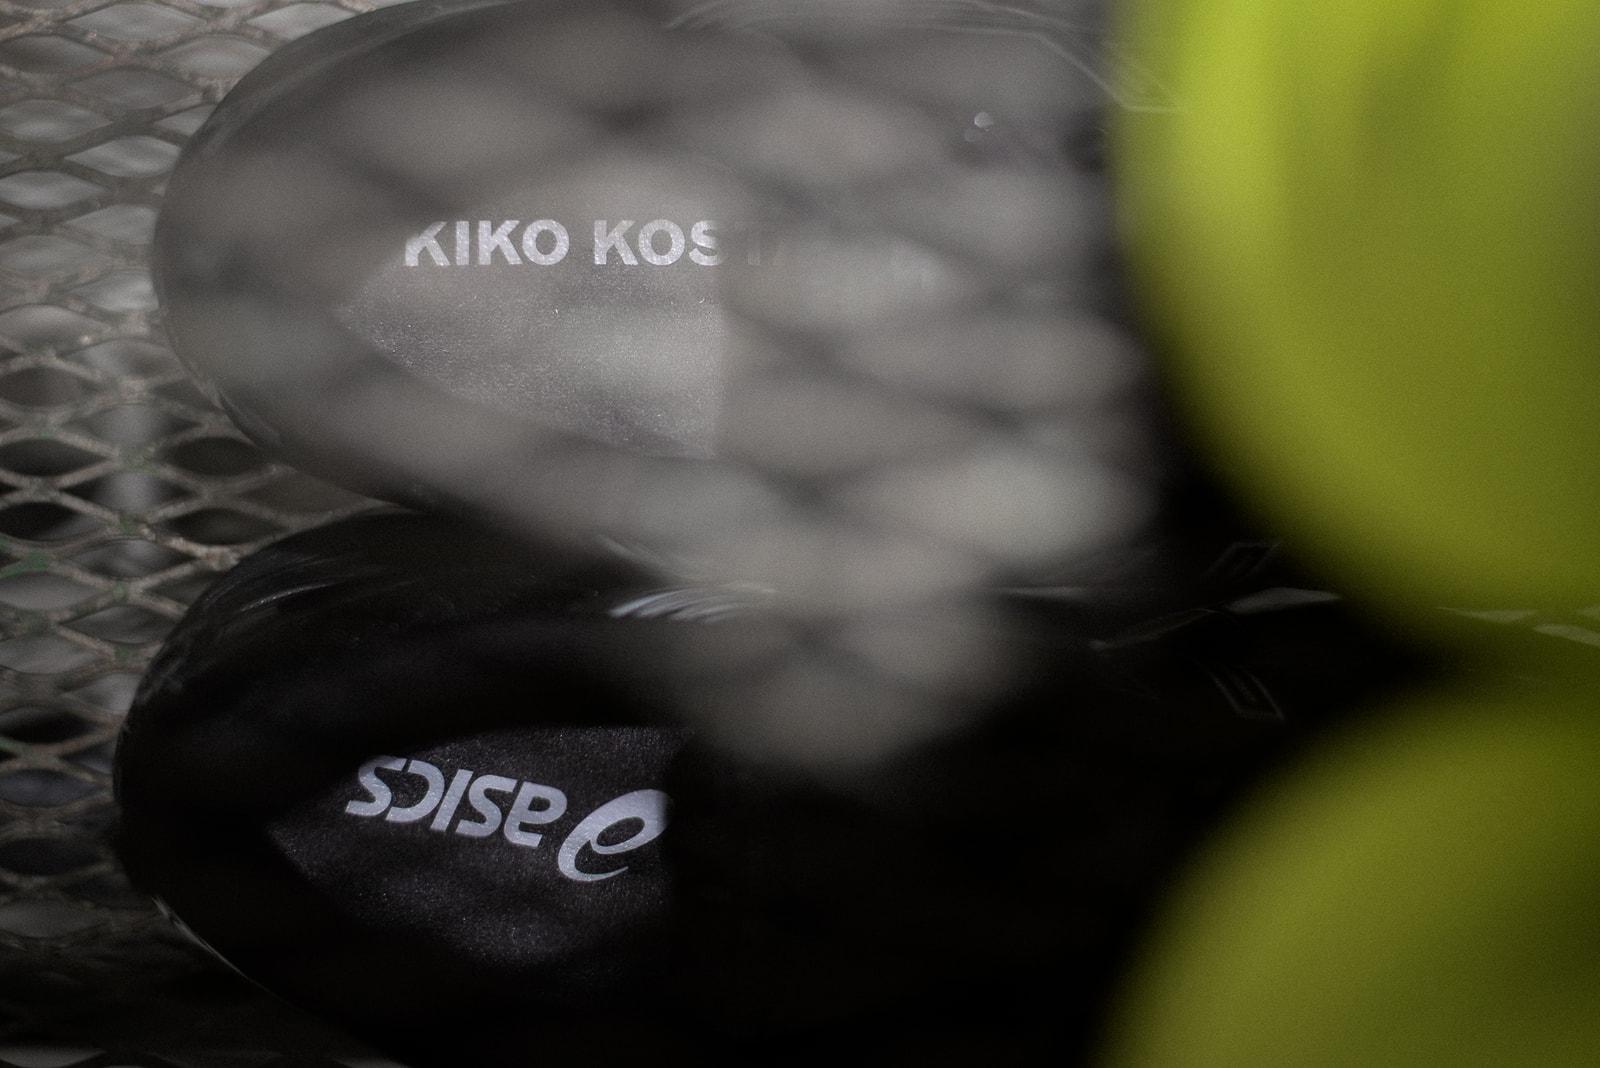 先日即完した〈ASICS〉とのコラボモデル誕生秘話に加えて、流行りのダッドシューズへの個人的見解を聞き出すことにも成功 ブルガリアが産んだ鬼才 キコ・コスタディノフの俯瞰で捉える現代のファッションシーン